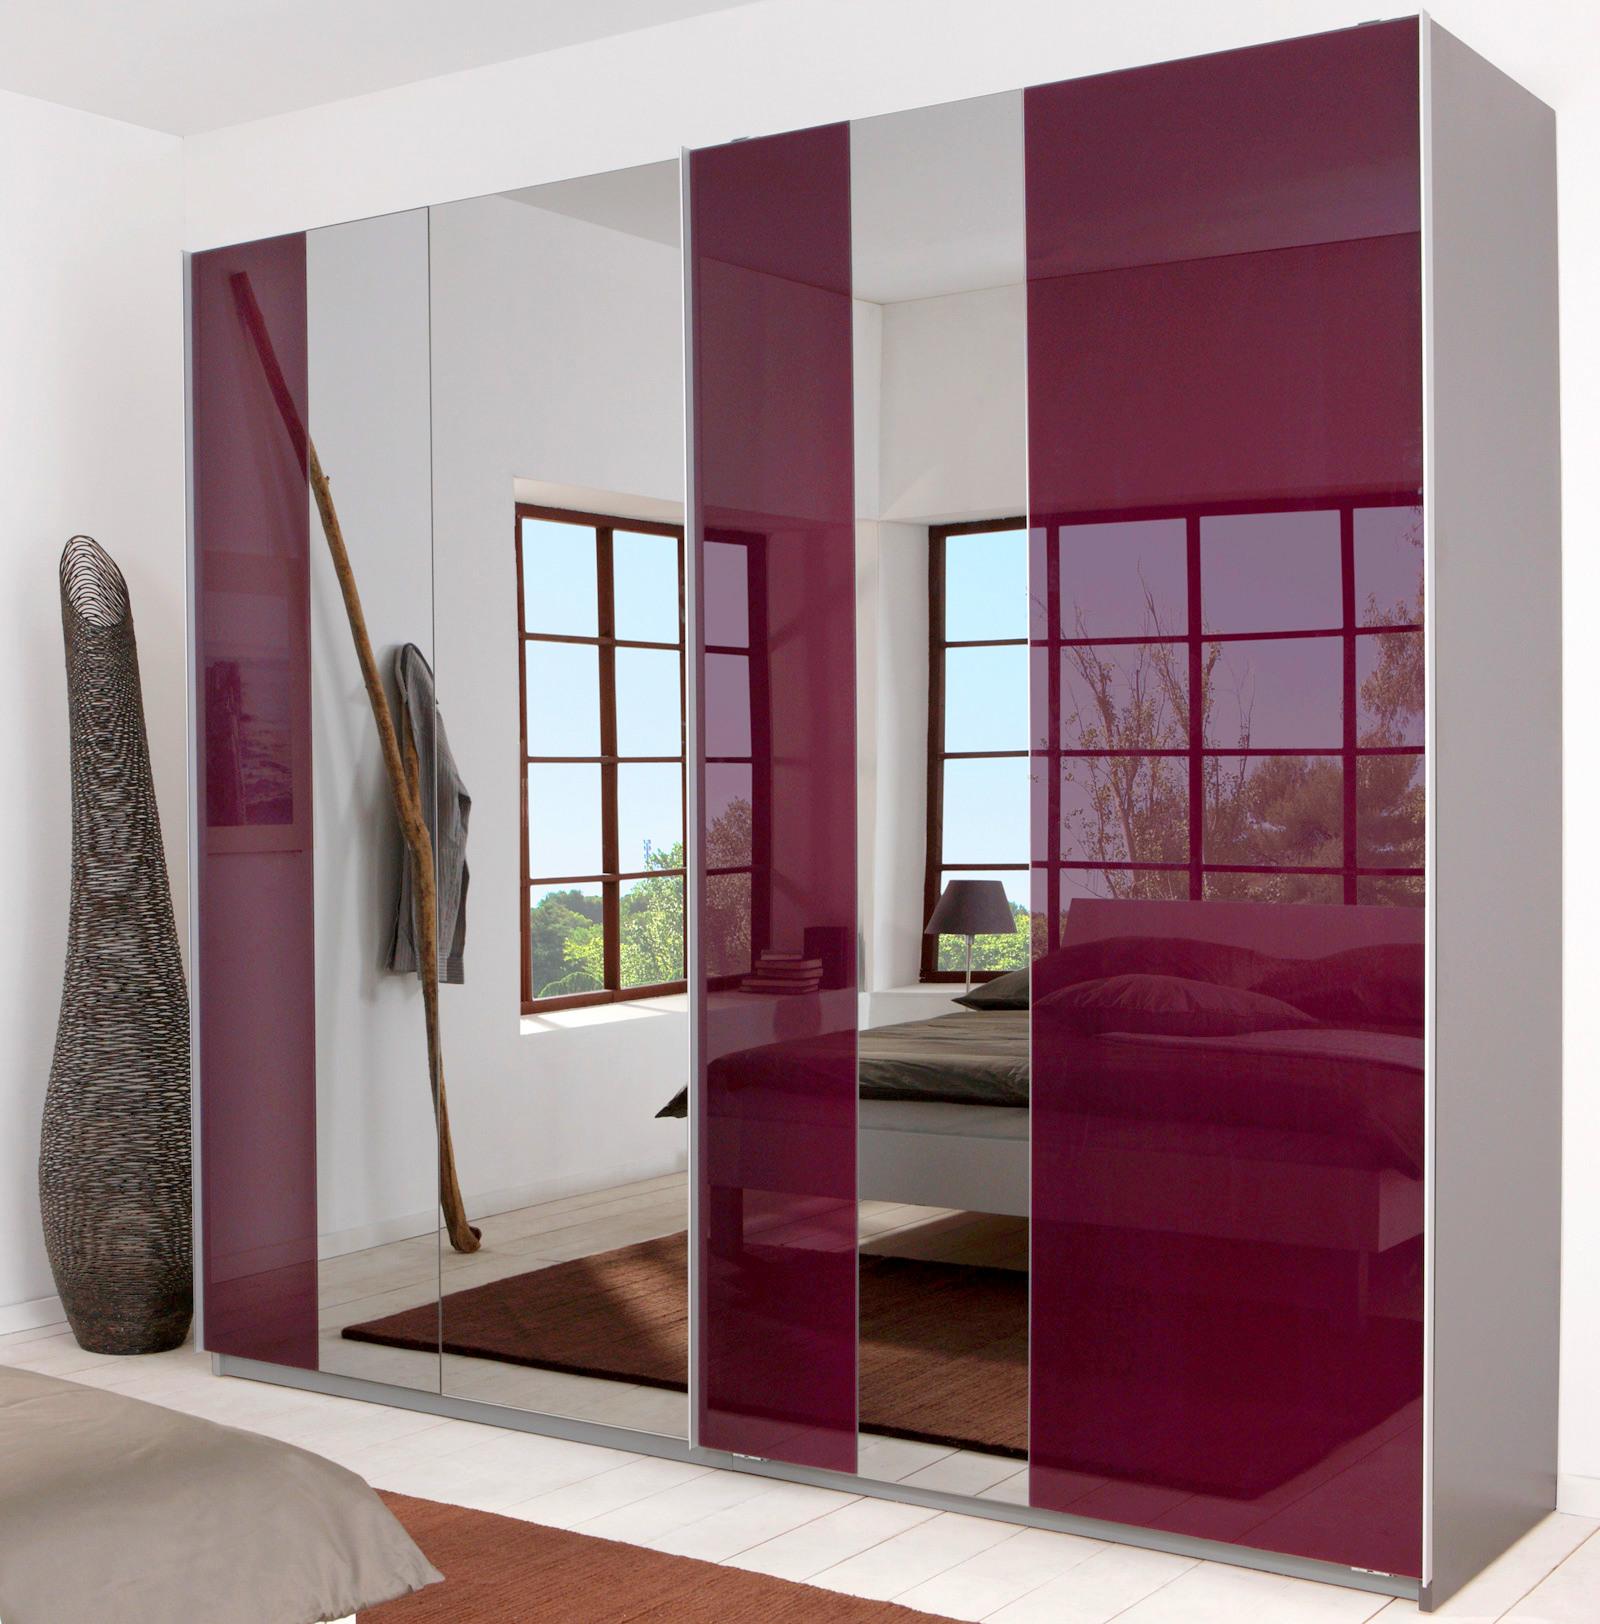 Дизайн шкафов-купе фото